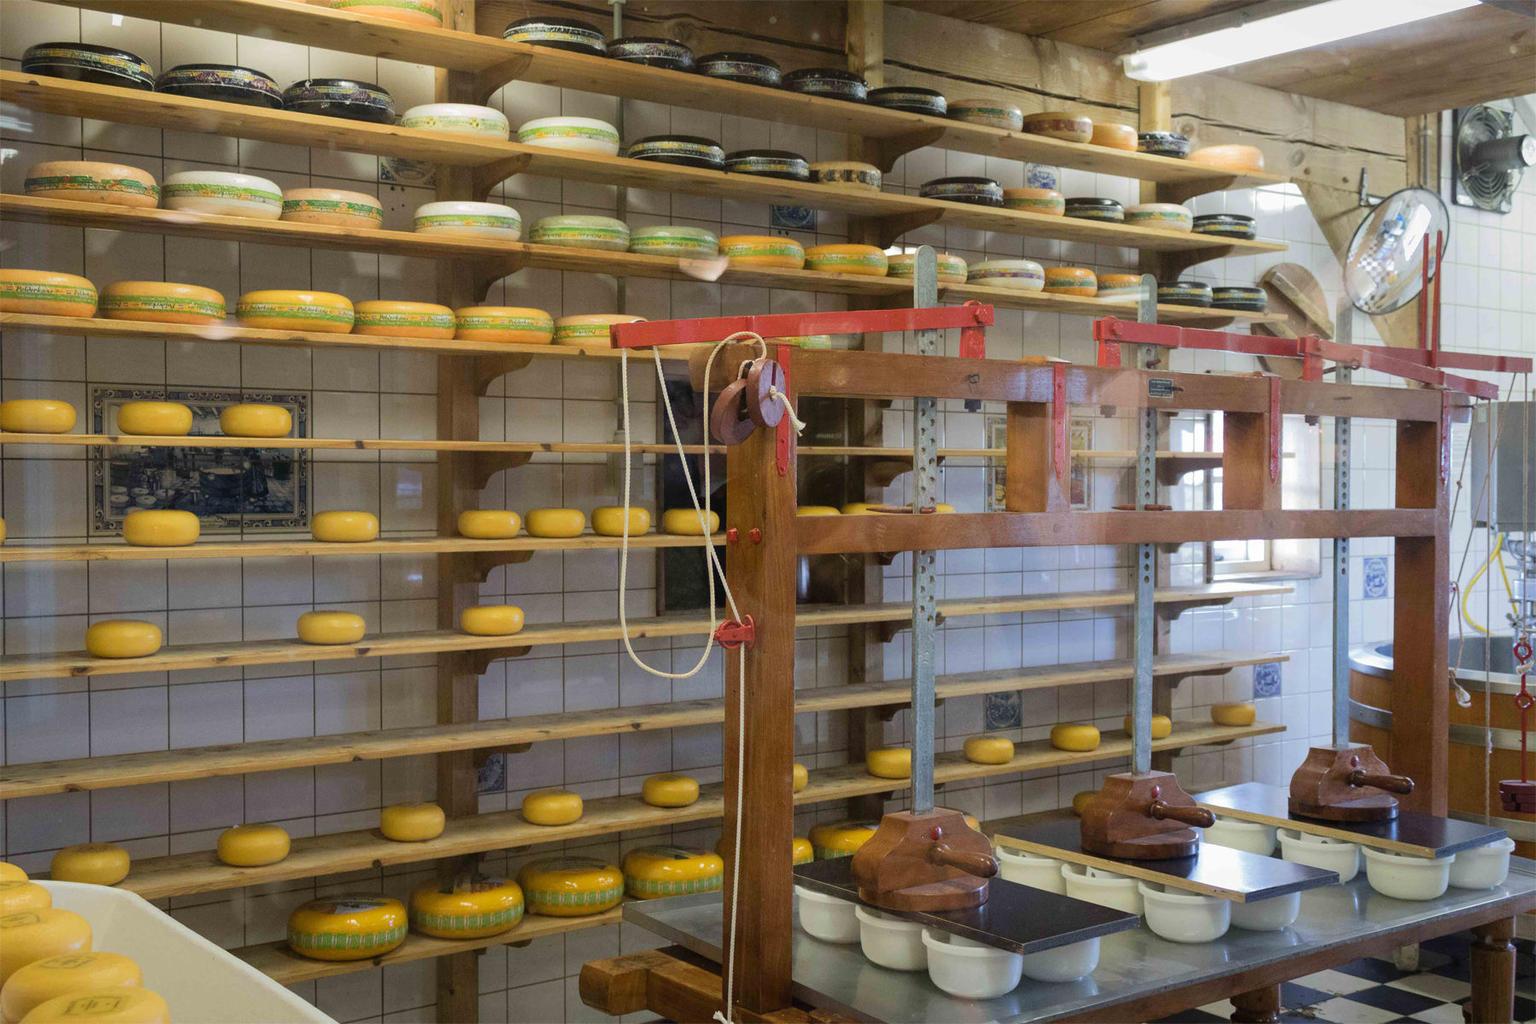 MÁS FOTOS, Excursión de medio día a Ámsterdam hasta llegar a Zaanse Schans: Los molinos de viento, Museo y queso zuecos